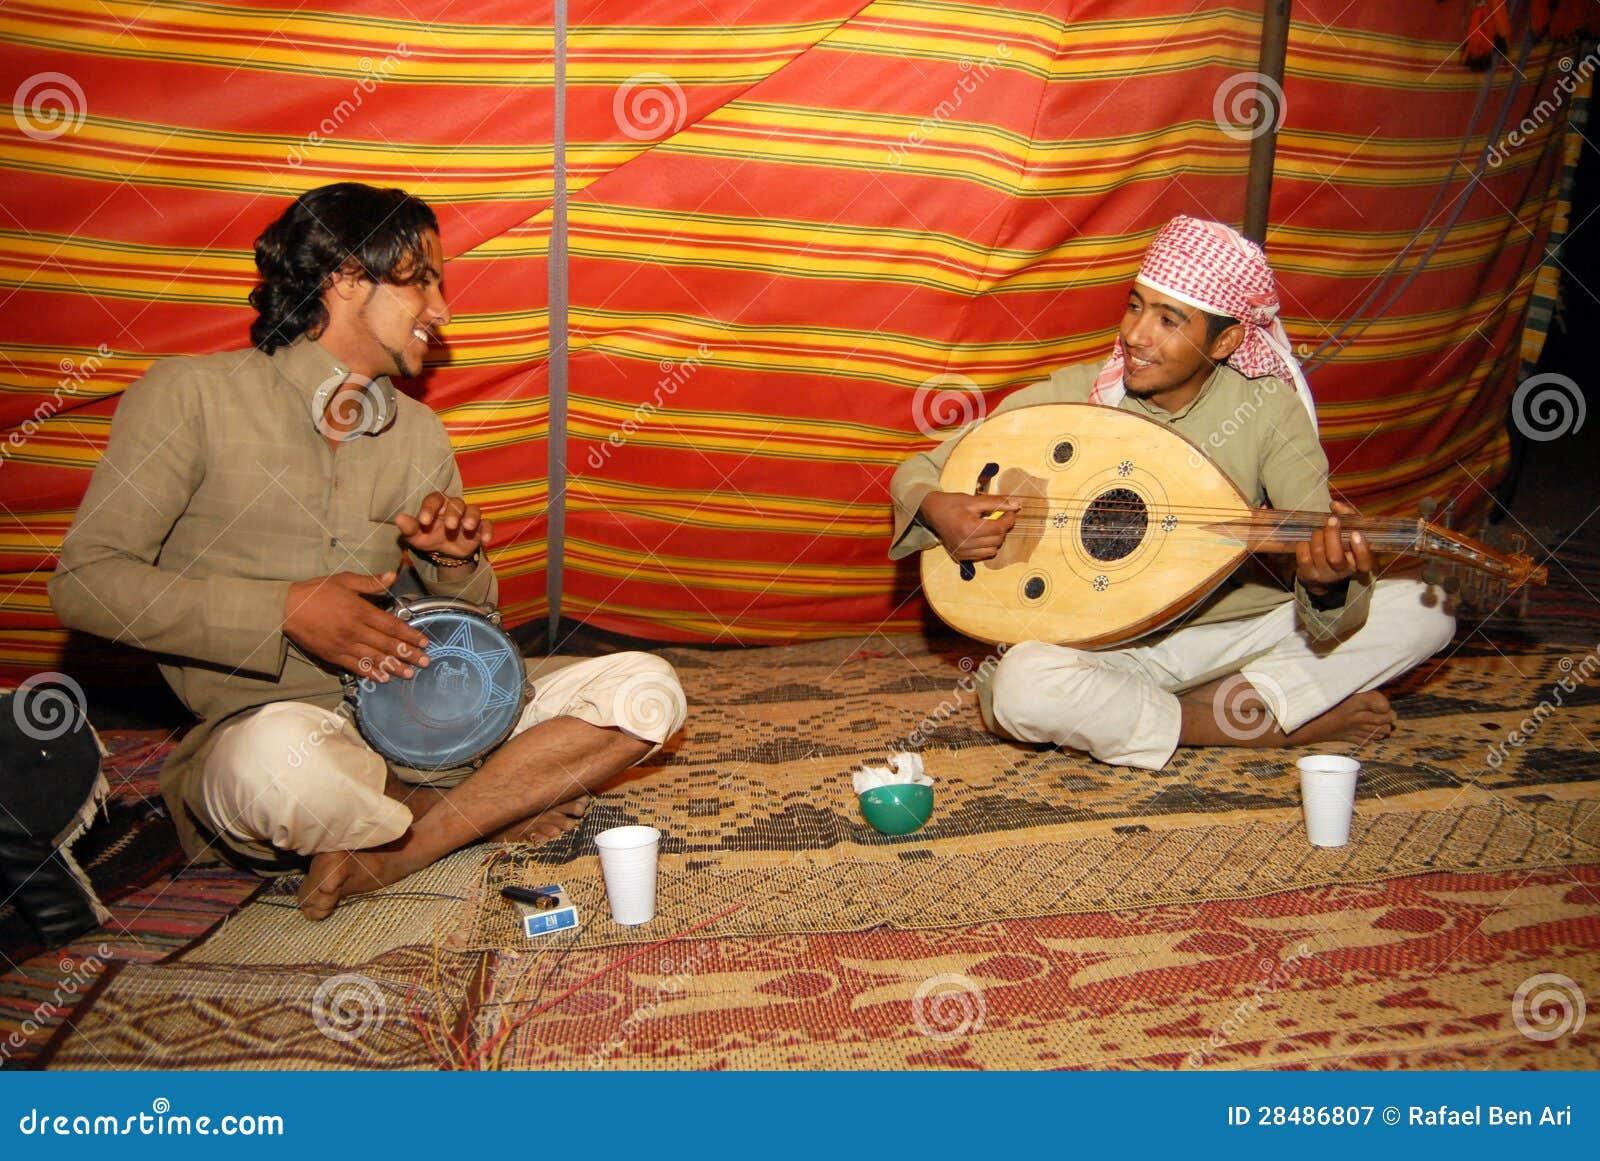 Kostenlos arabische musik mp3 download -.